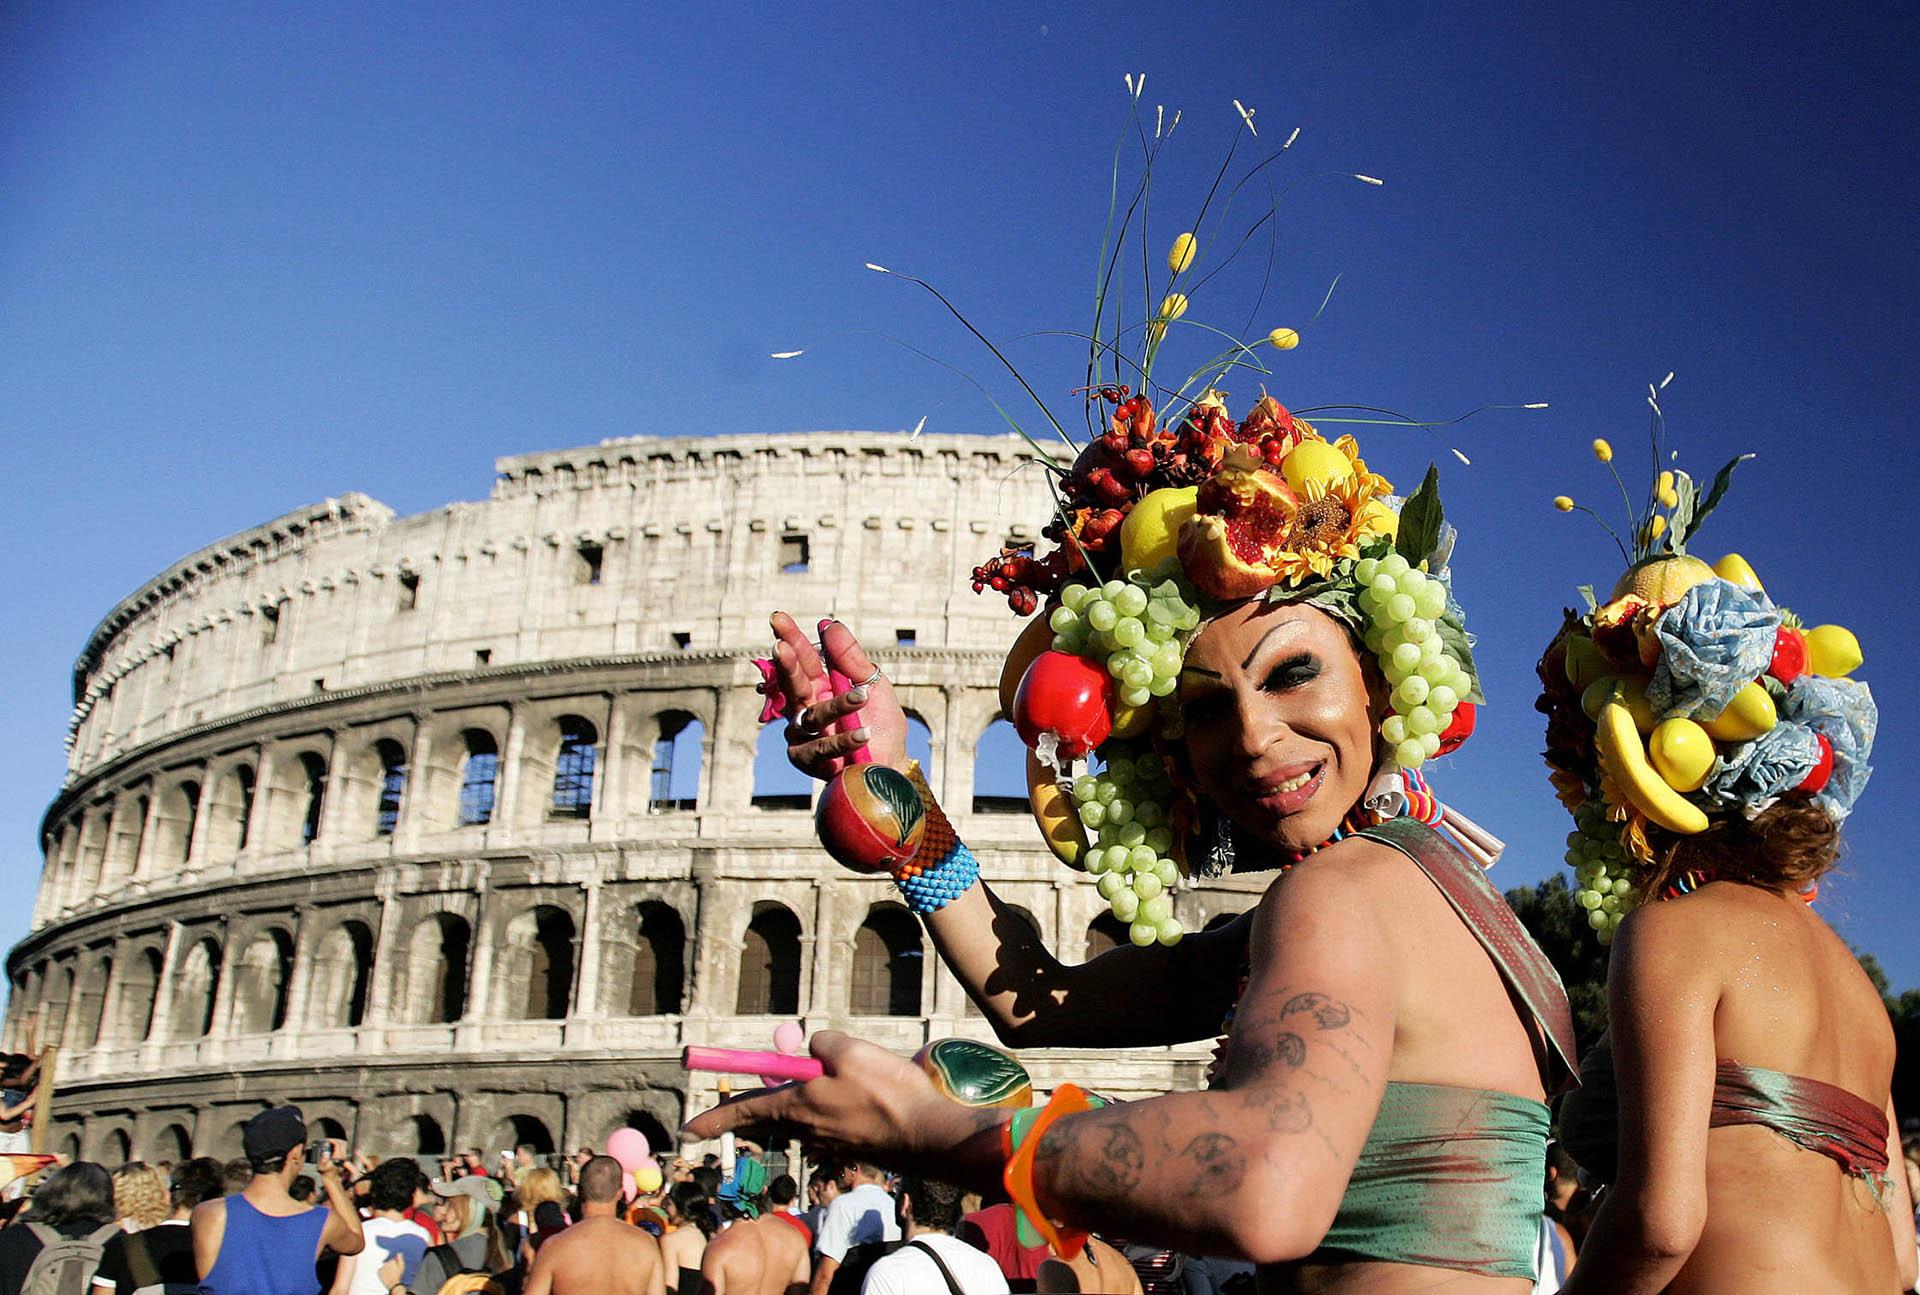 Manifestantes frente al Coliseo romano durante el desfile en Italia el 9 de julio de 2005